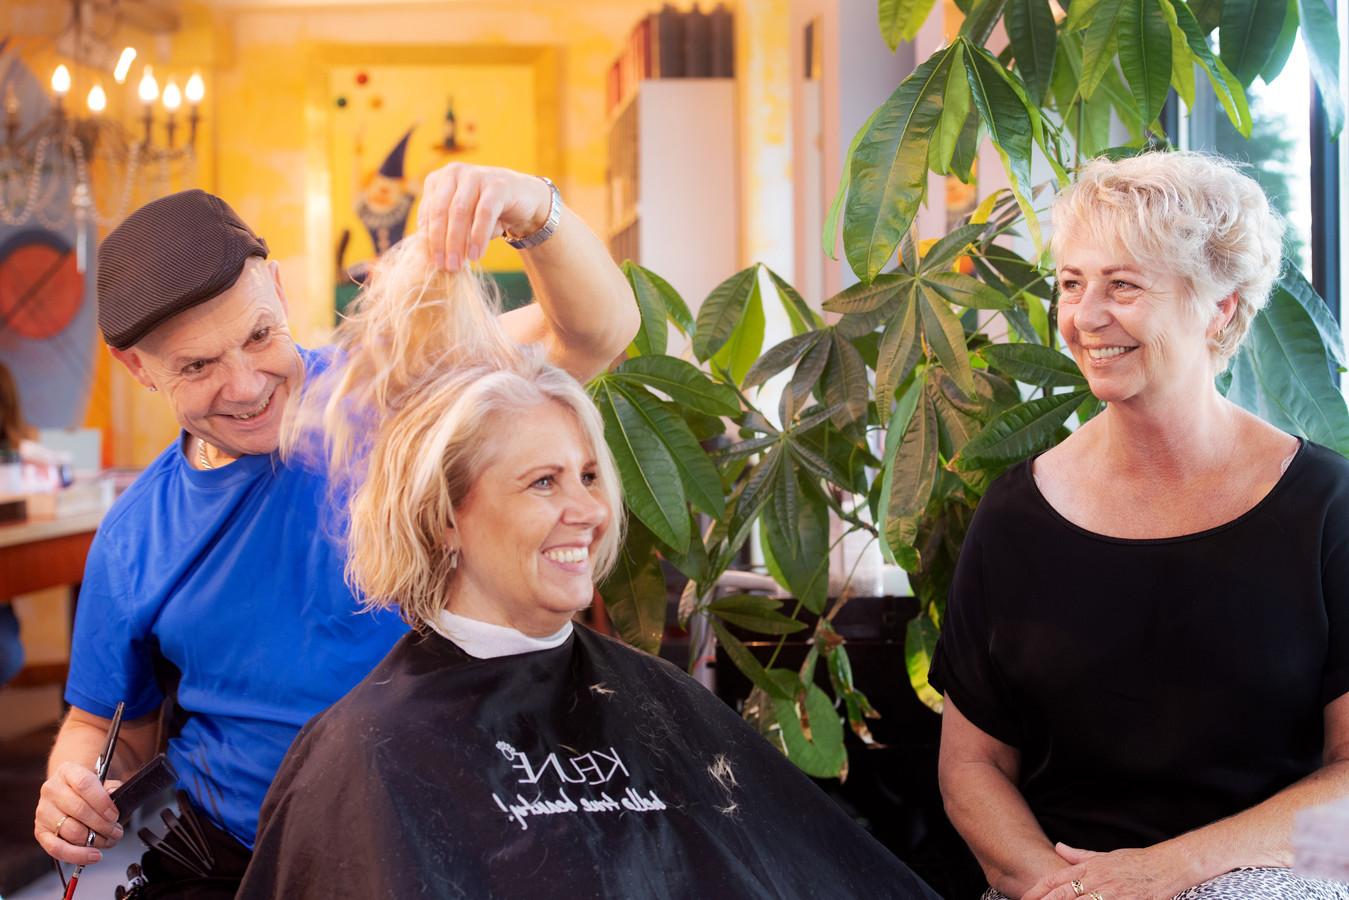 Janet kijkt toe hoe kapper Theo Anneke knipt, de zus van Henk.